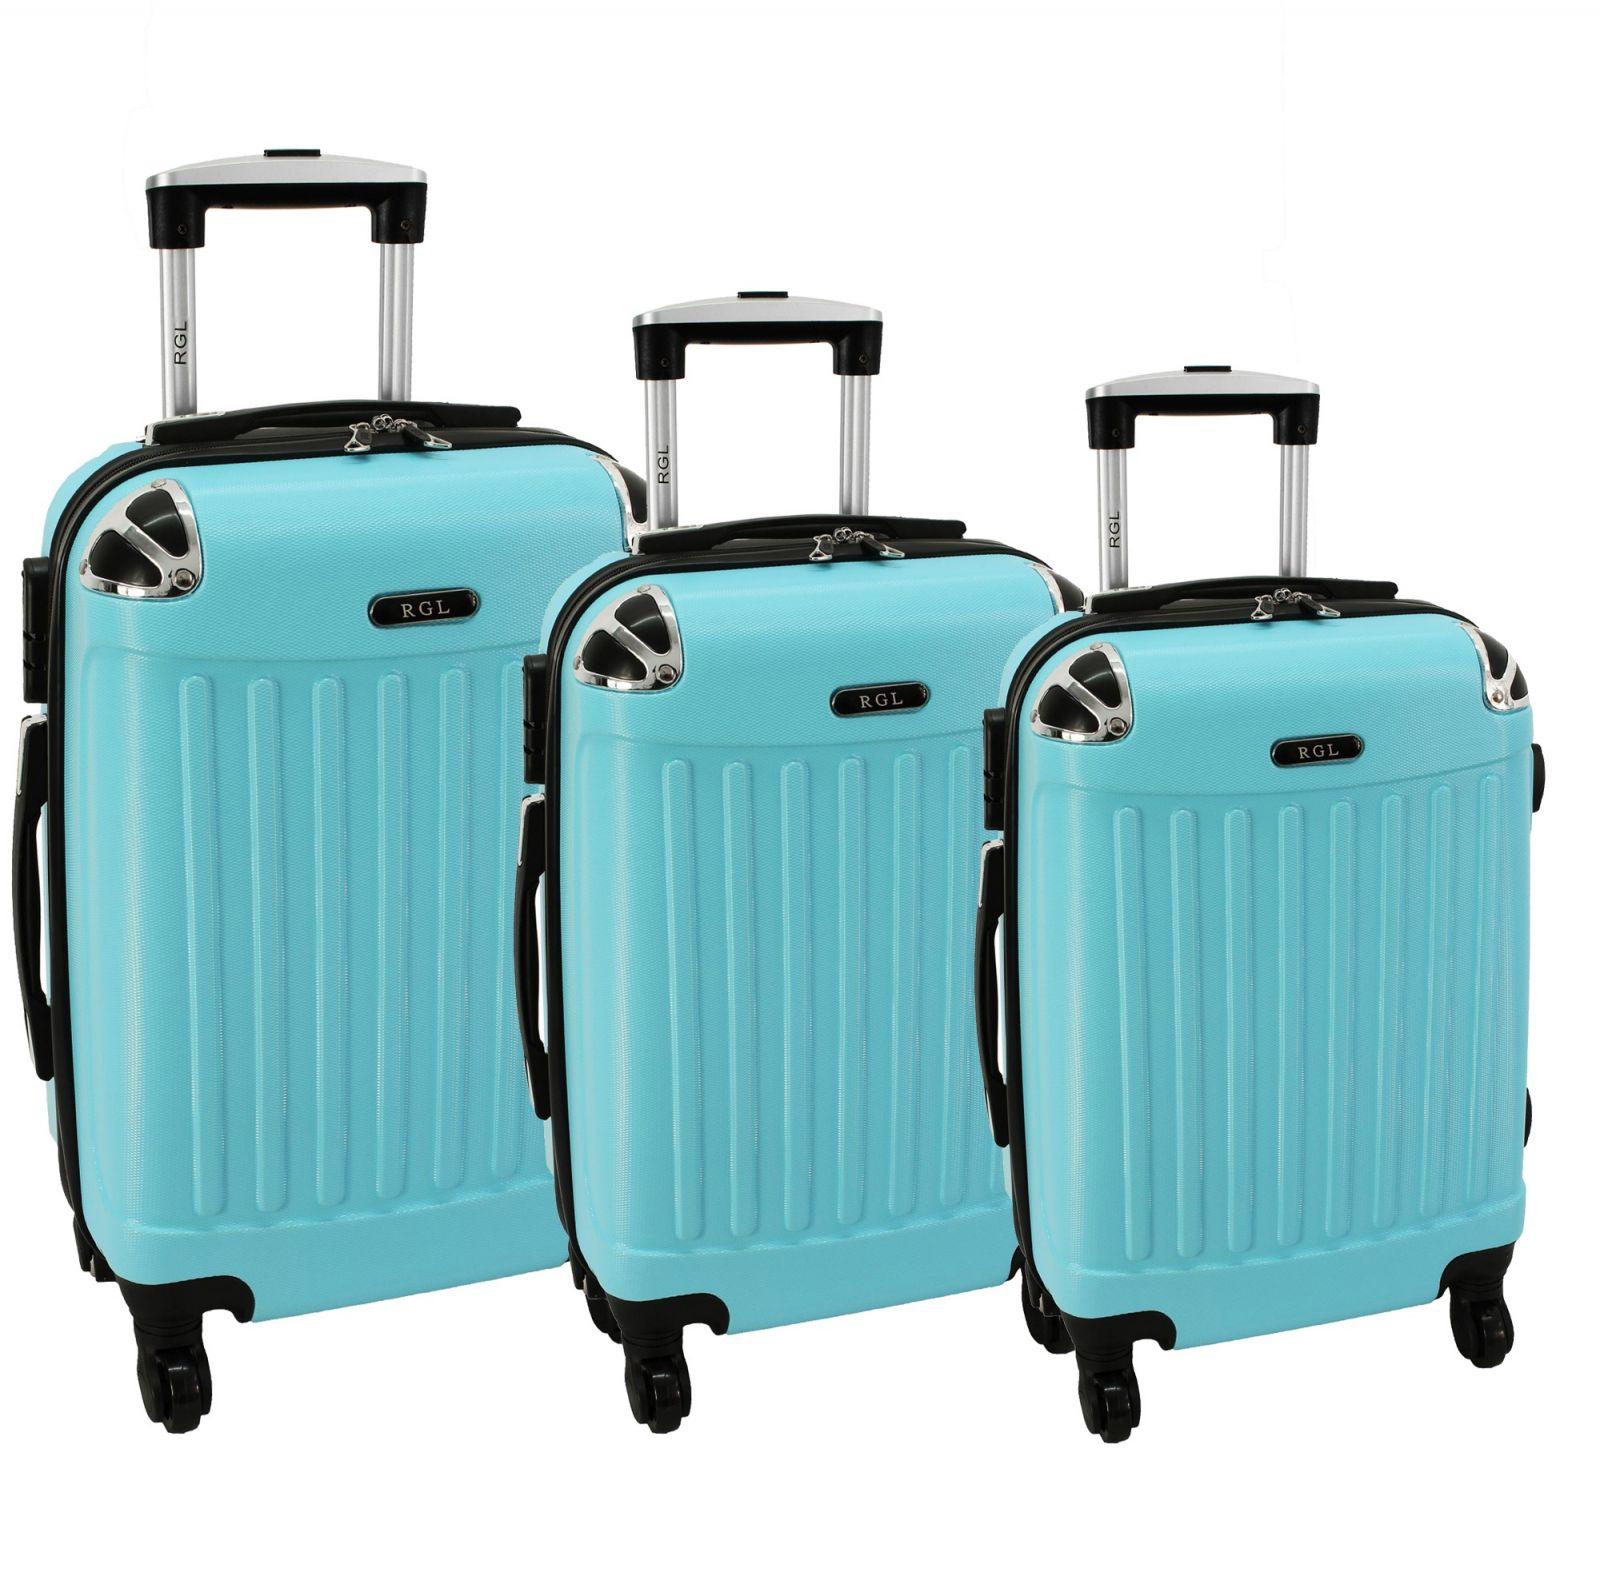 Cestovní kufry sada RGL 735 ABS LIGHT BLUE L,M,S